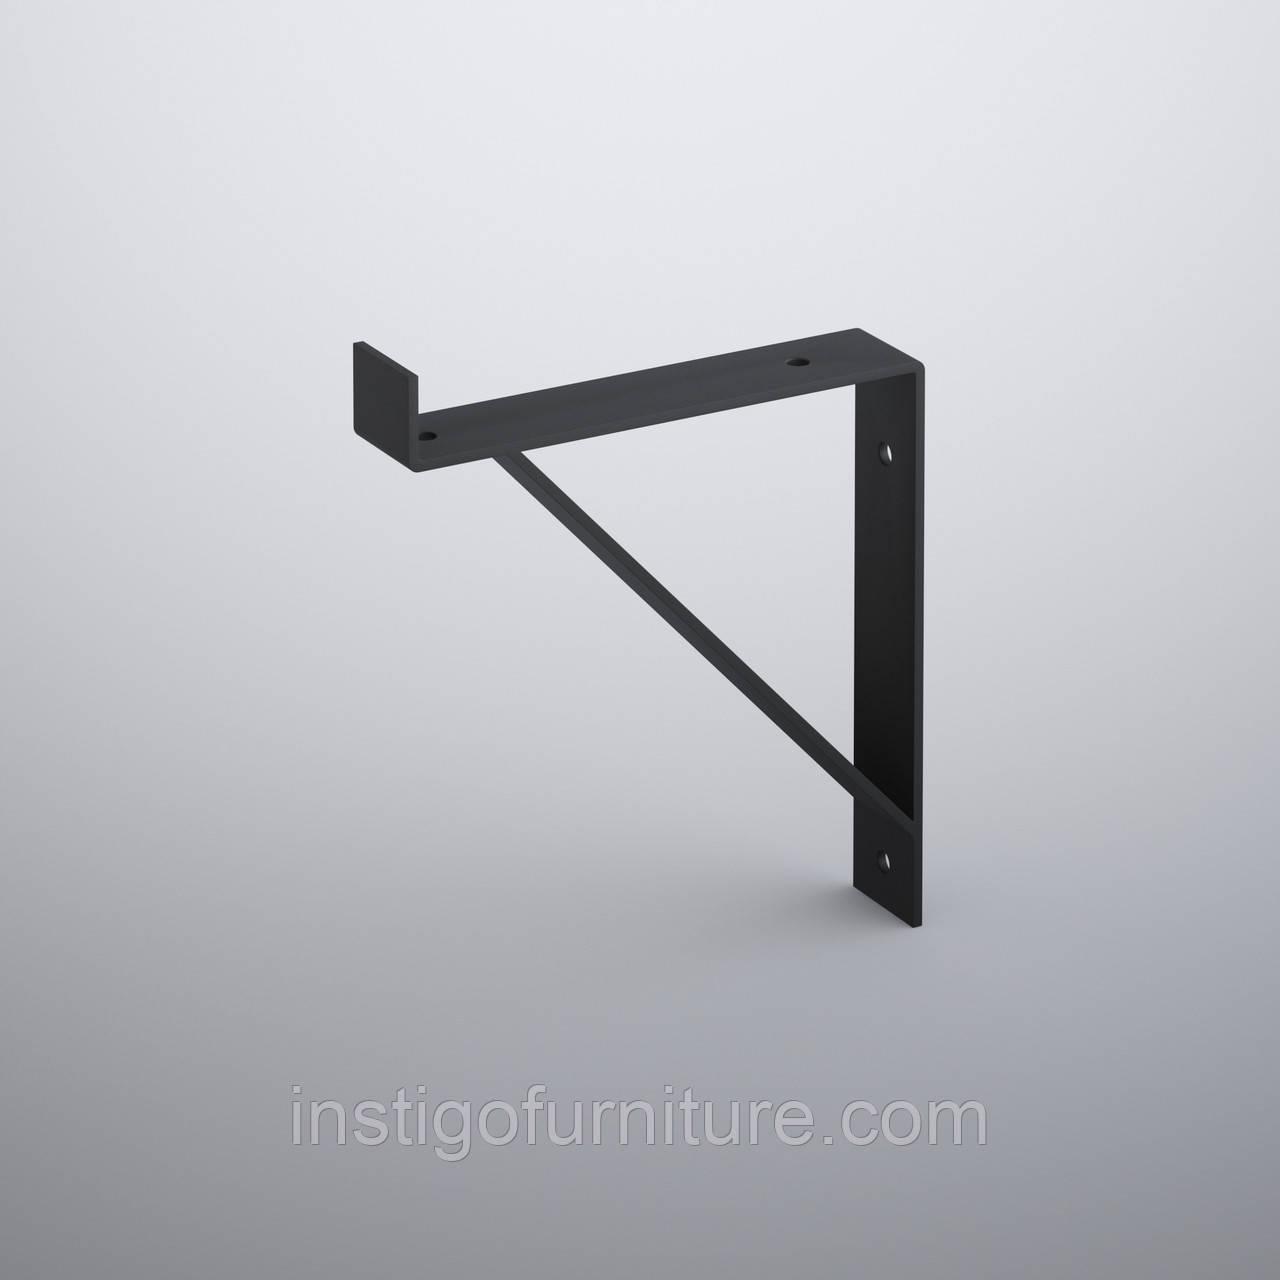 Кронштейн для полки из металла 153×30mm, H=177mm